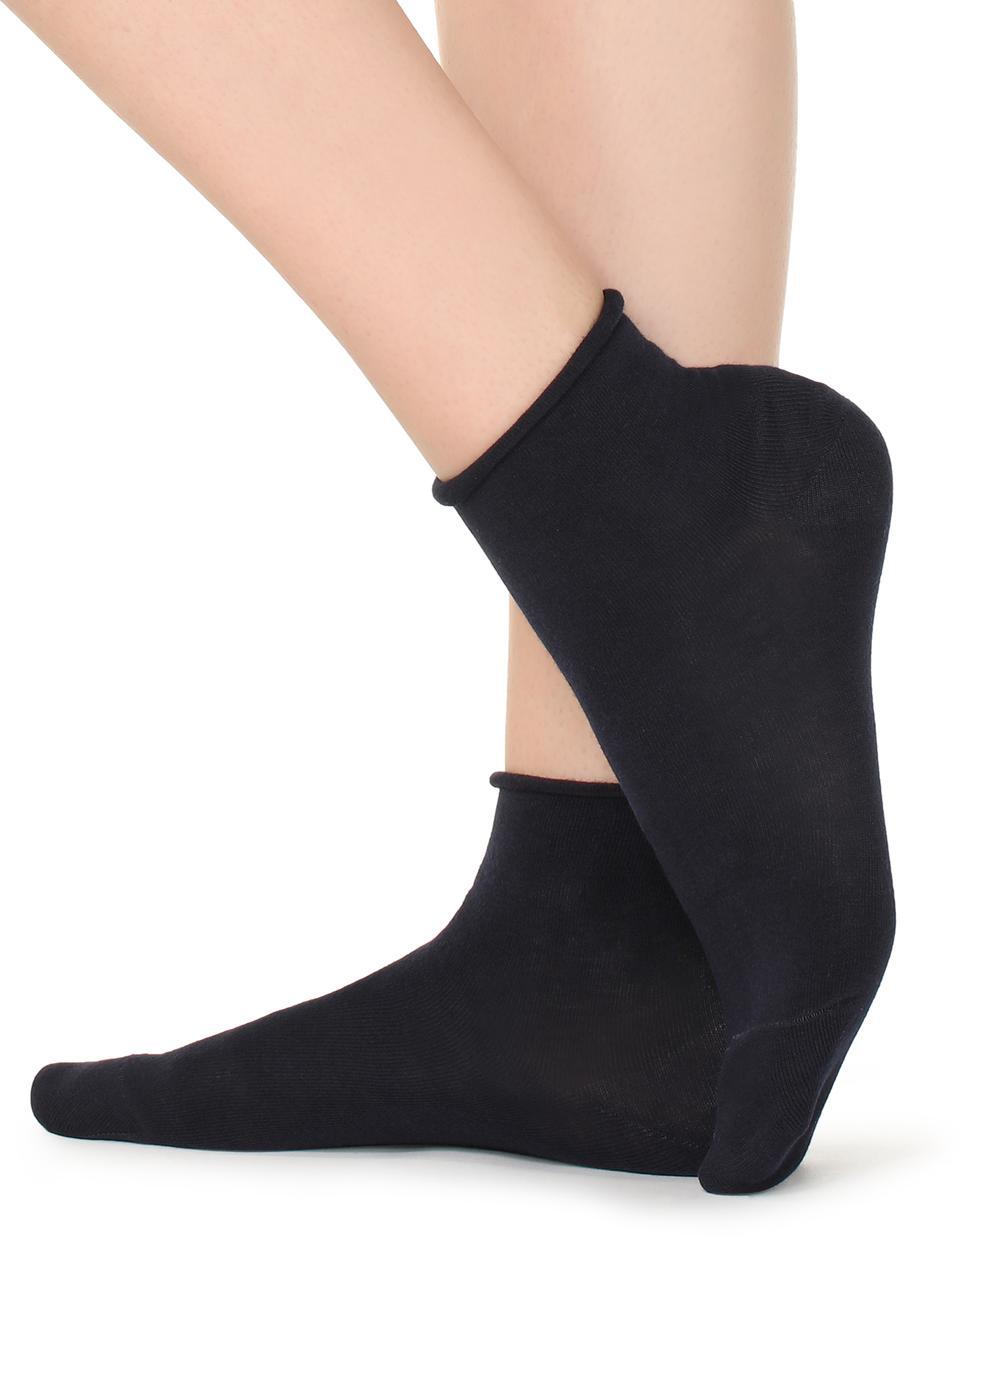 Chaussettes invisibles coton sans bord très courtes